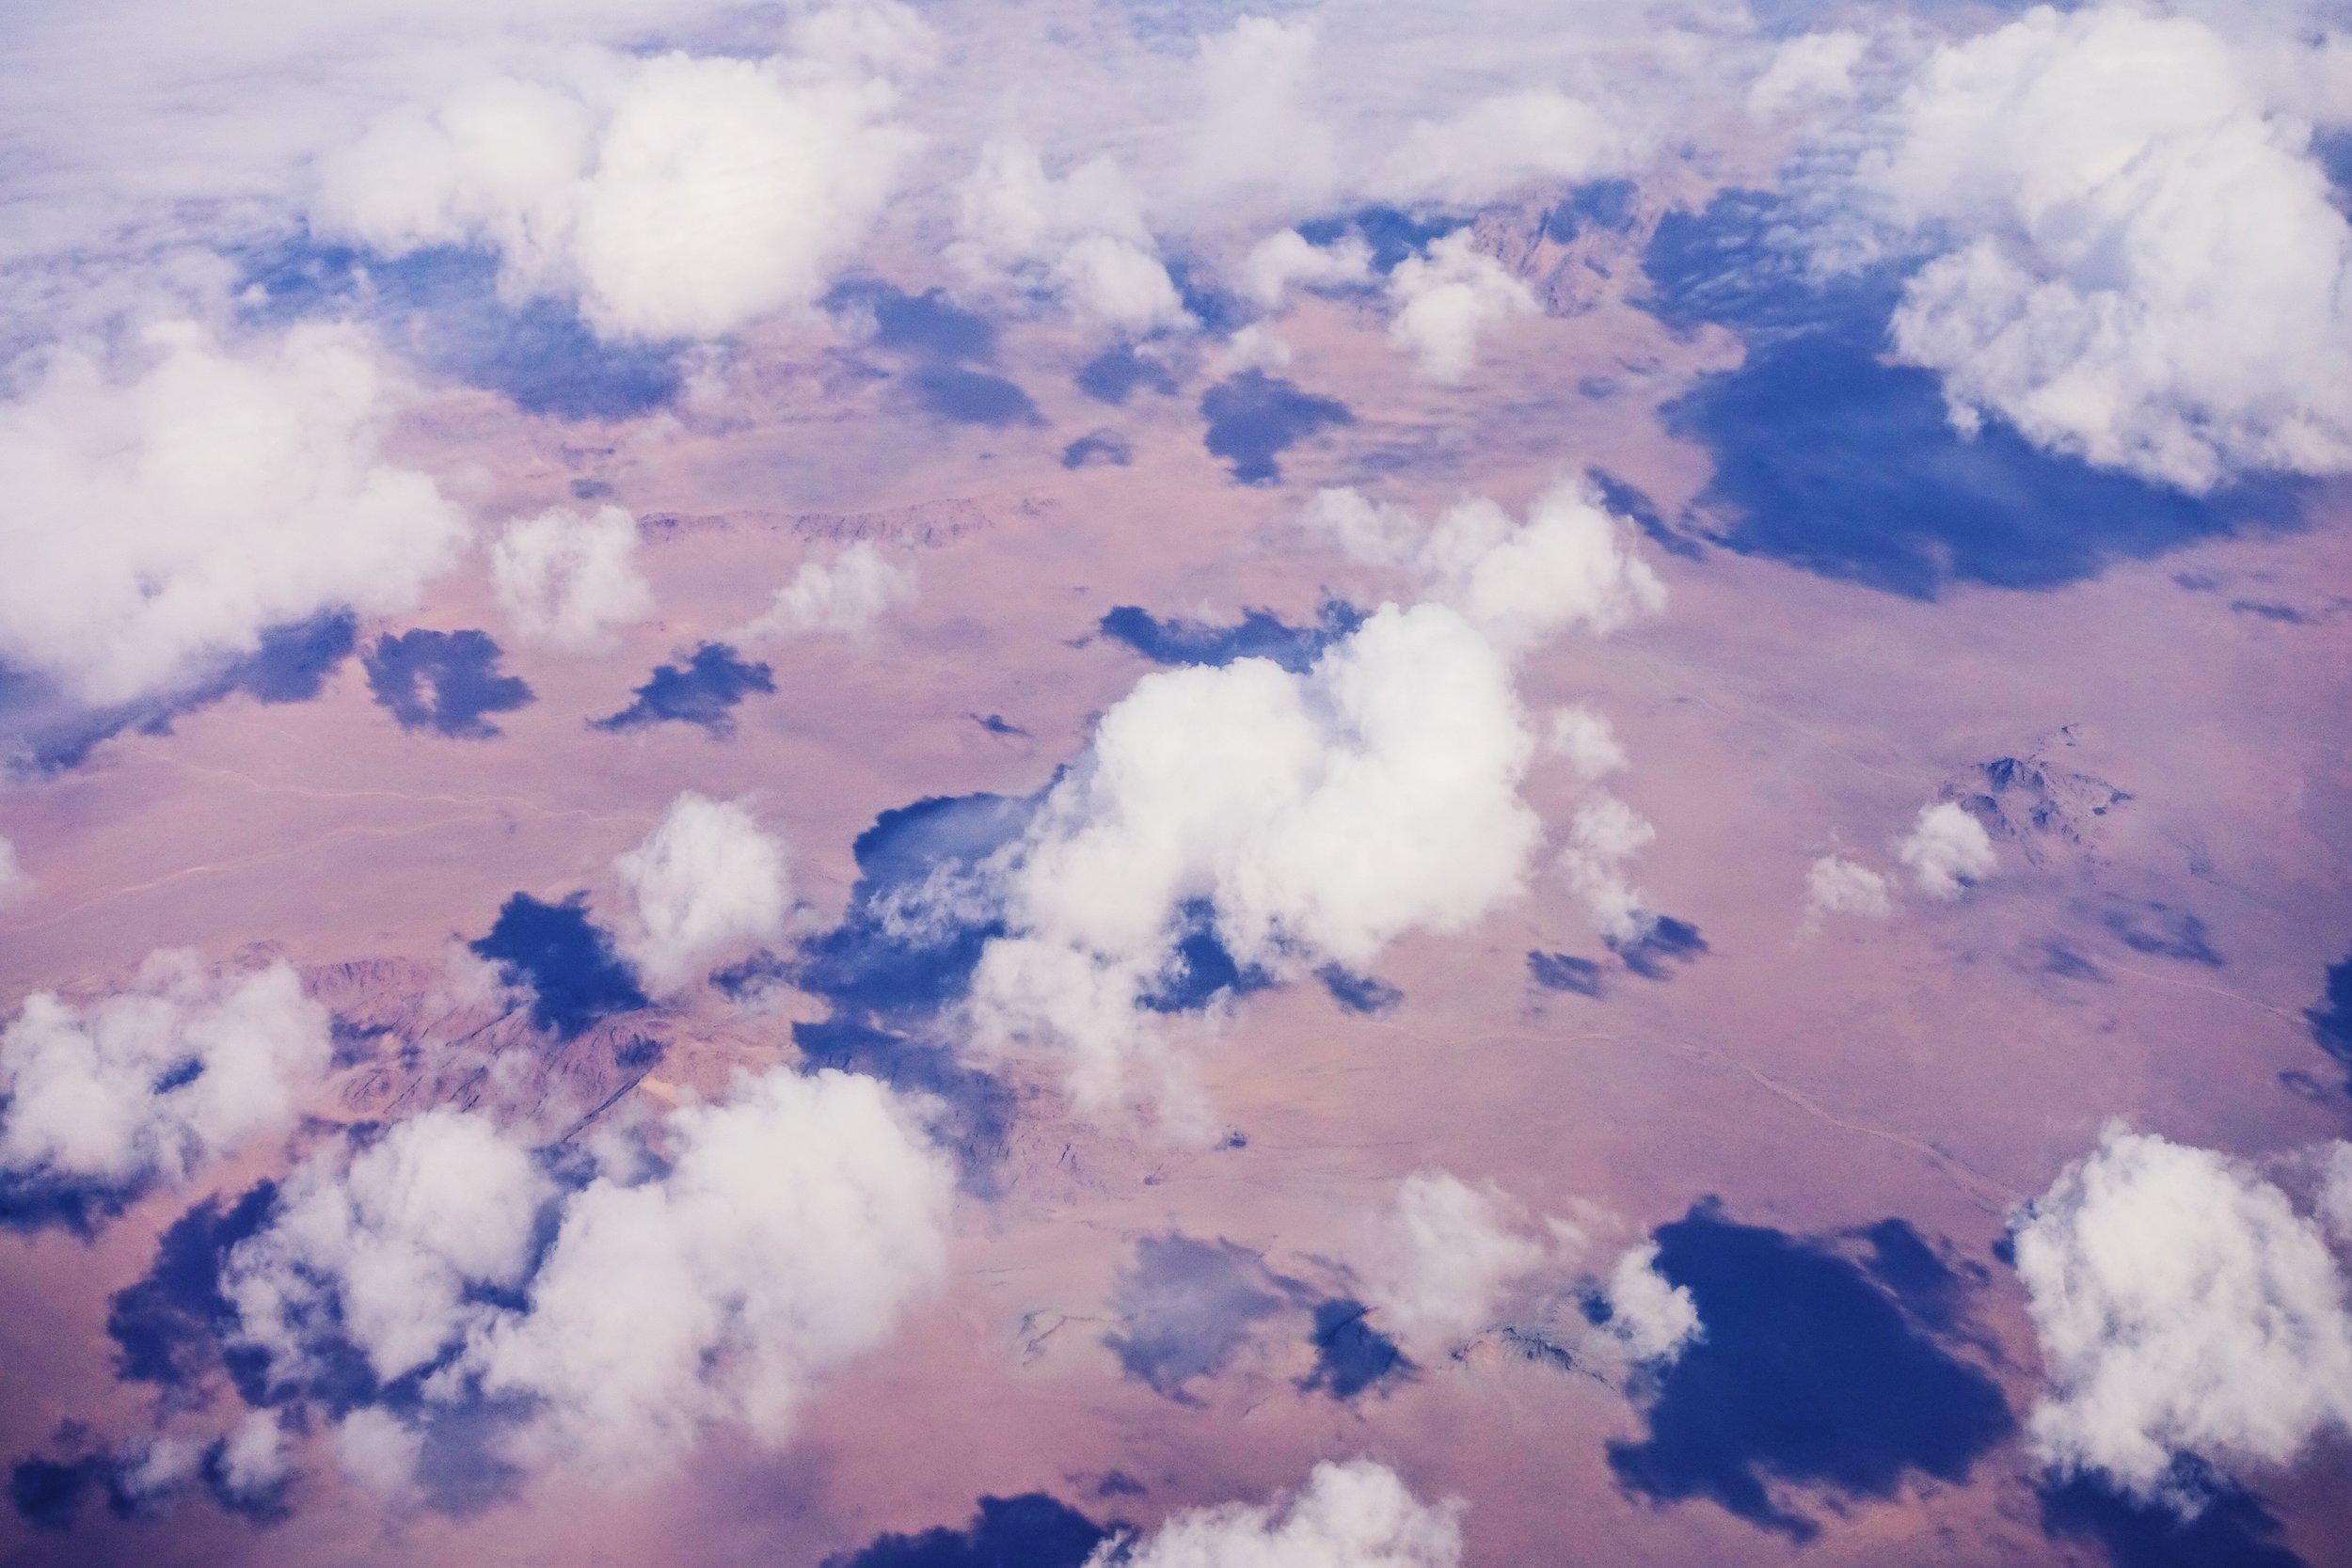 Desert area in Mongolia